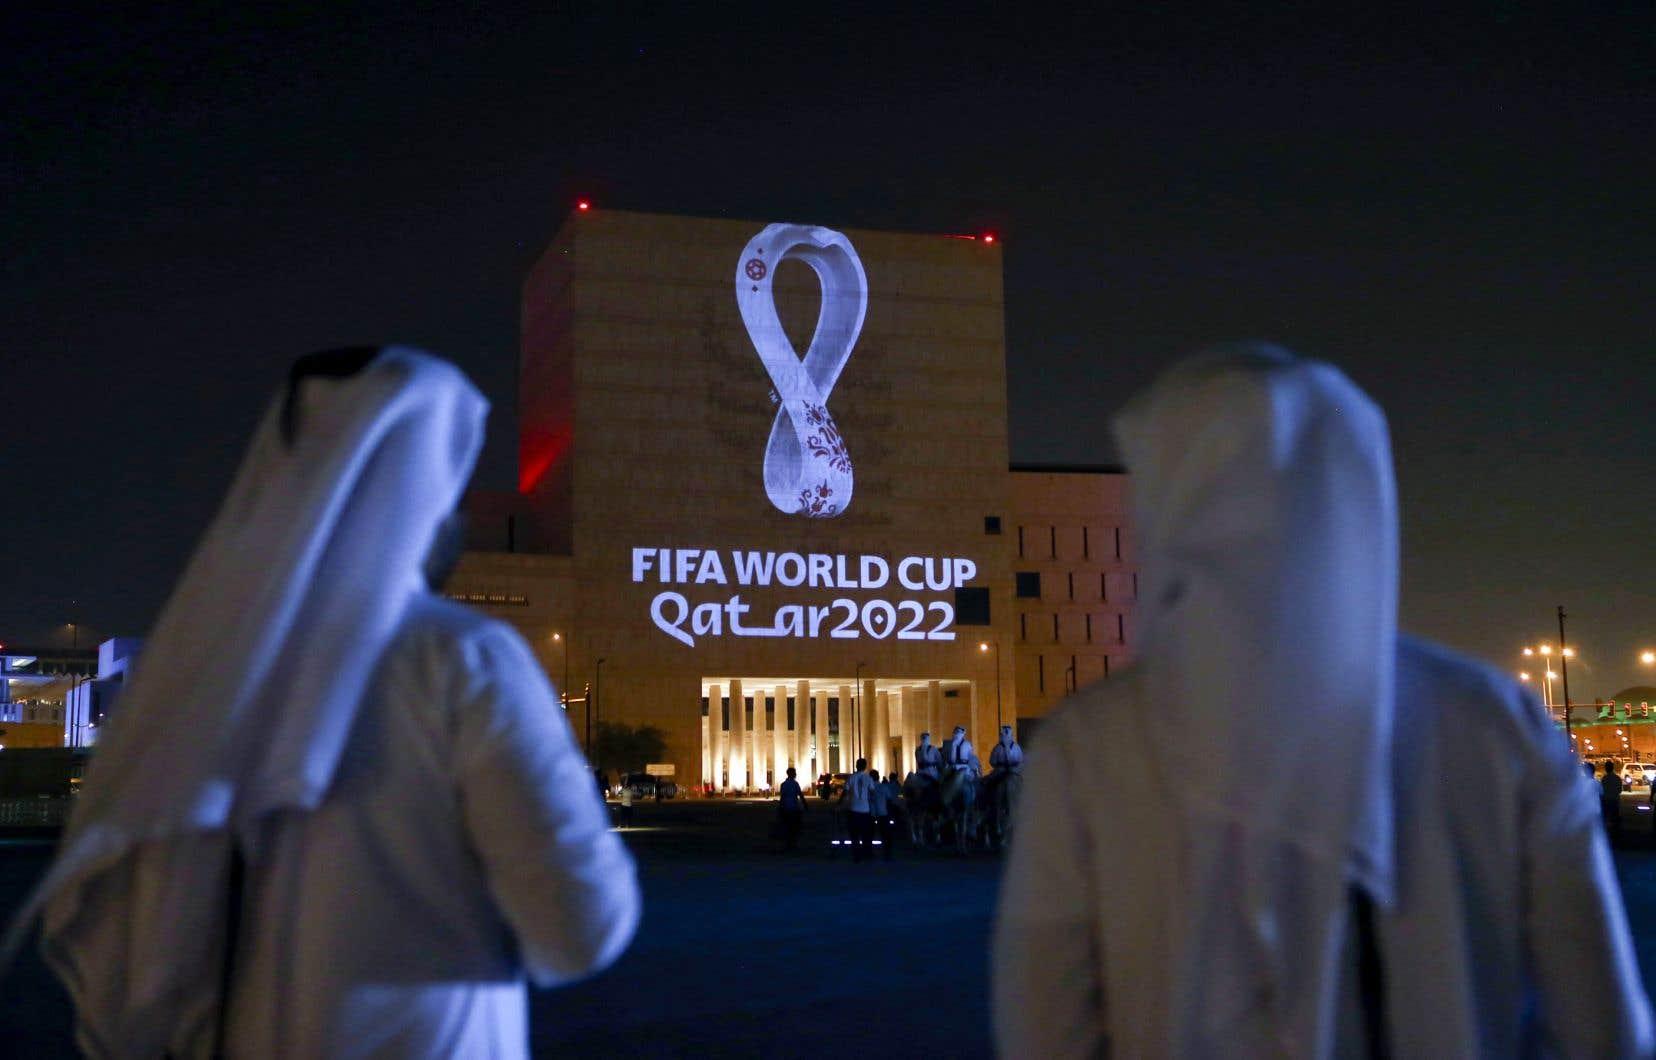 Le Qatar est sous le feu de critiques d'organisations de défense des droits humains pour son traitement des travailleurs migrants.